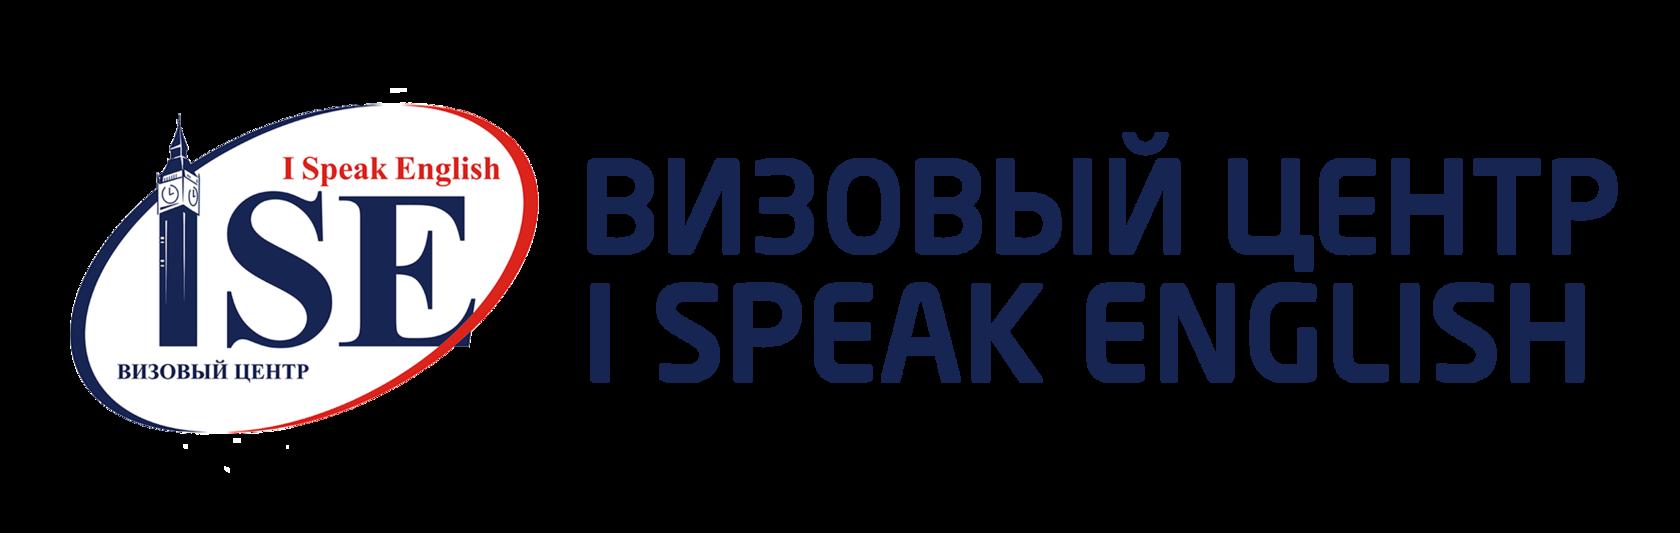 Визовый центр I Speak English